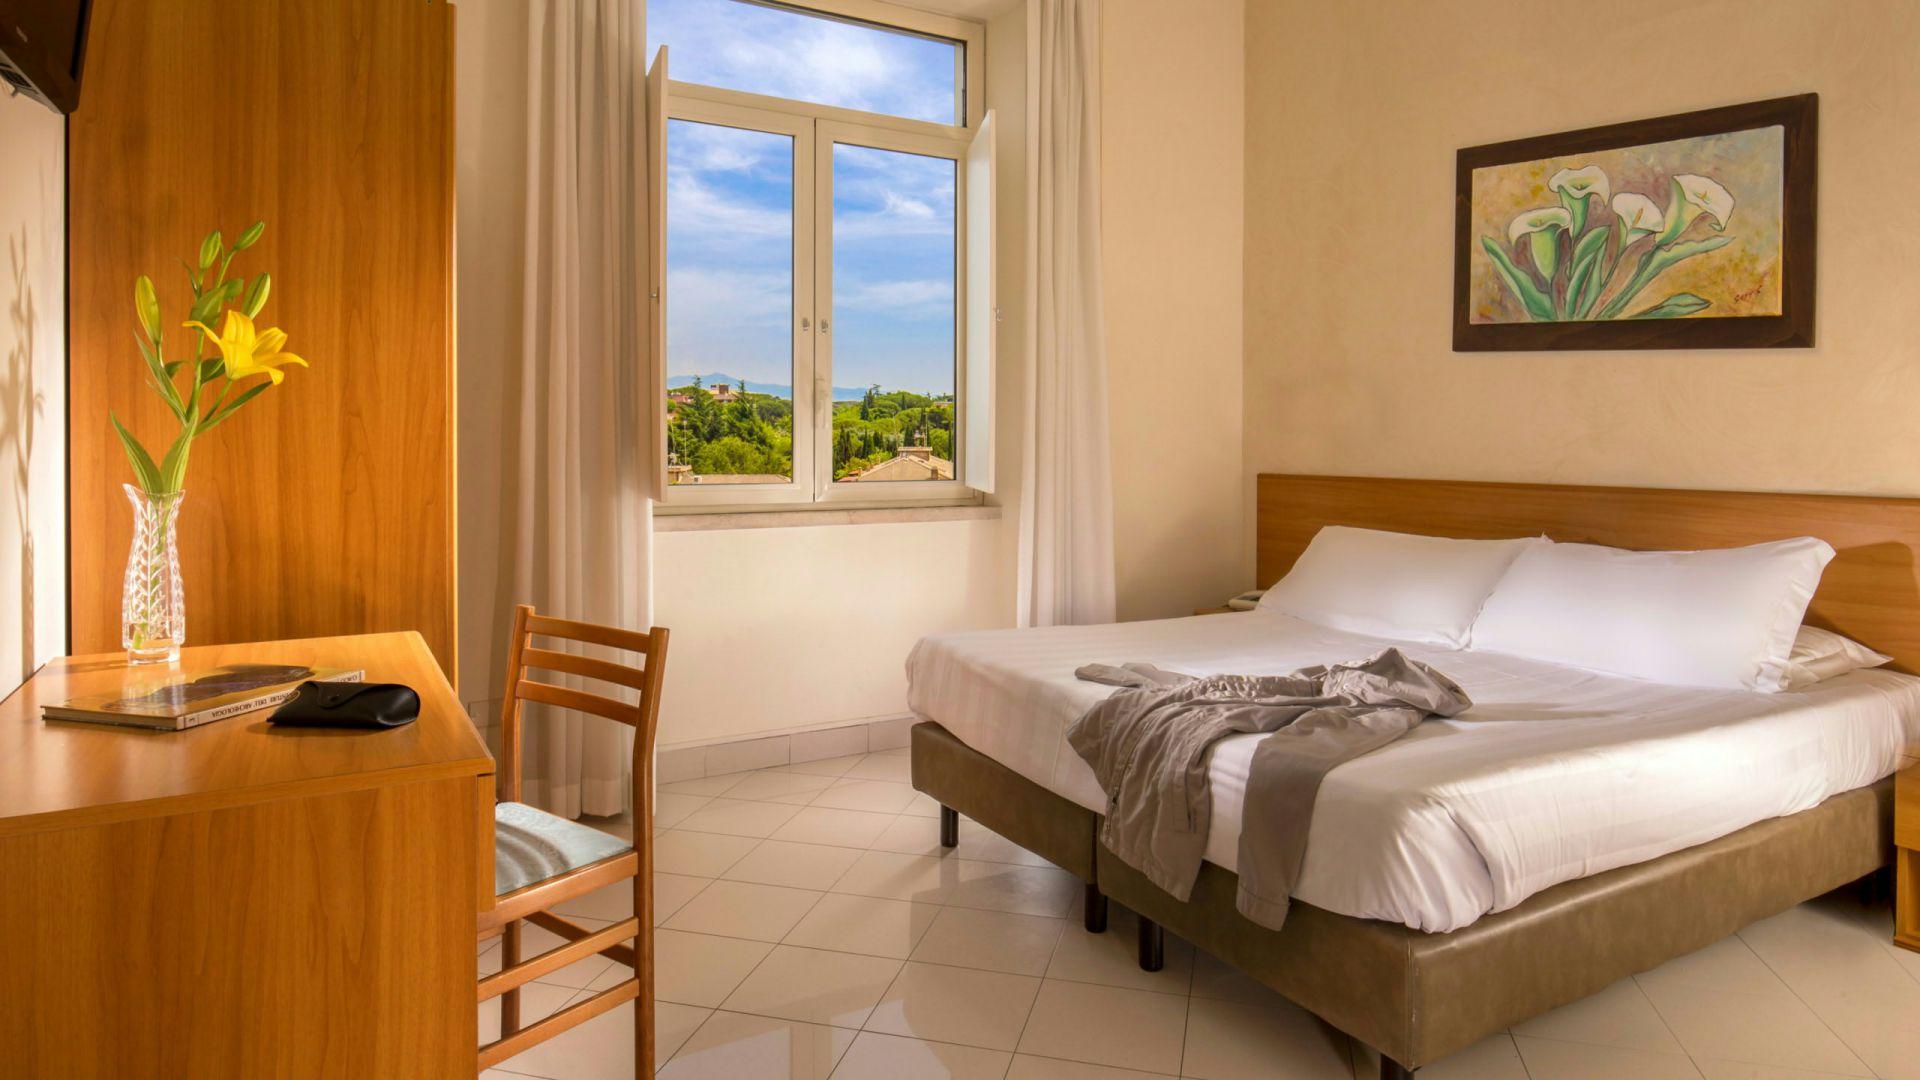 villa-aurelia-hôtel-rome-chambre-05